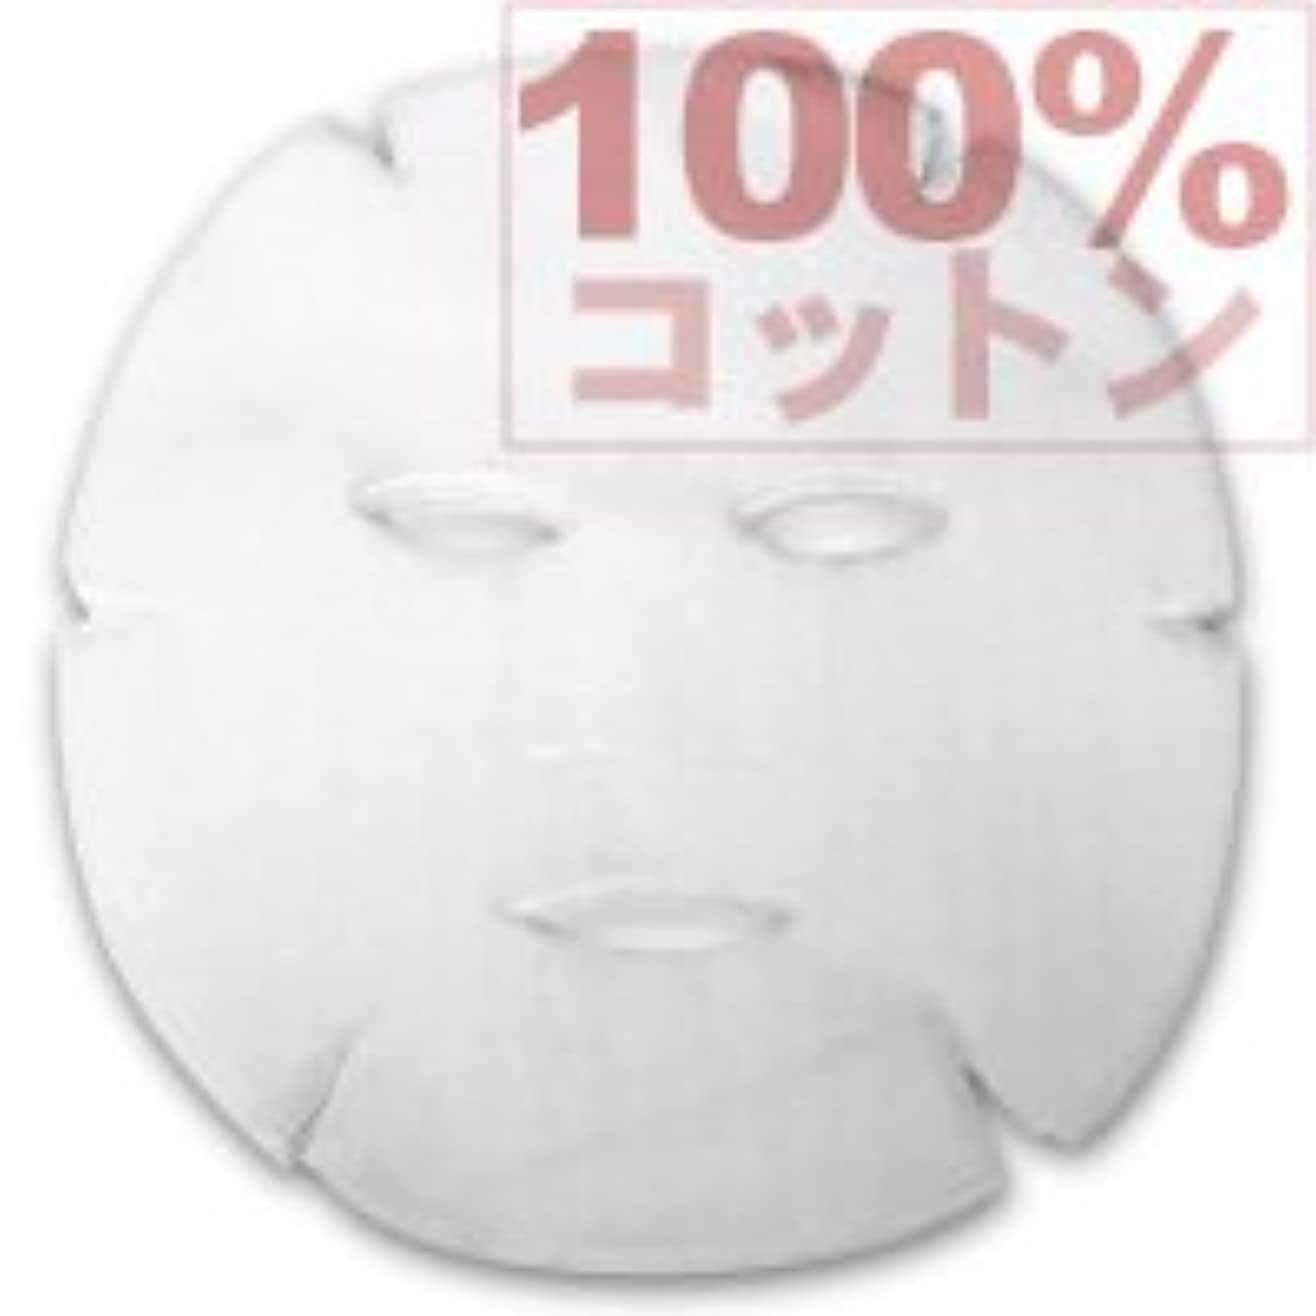 ひねり百万影響力のあるフェイスマスクシート 【50枚入り】 純綿100%のコットンマスク!